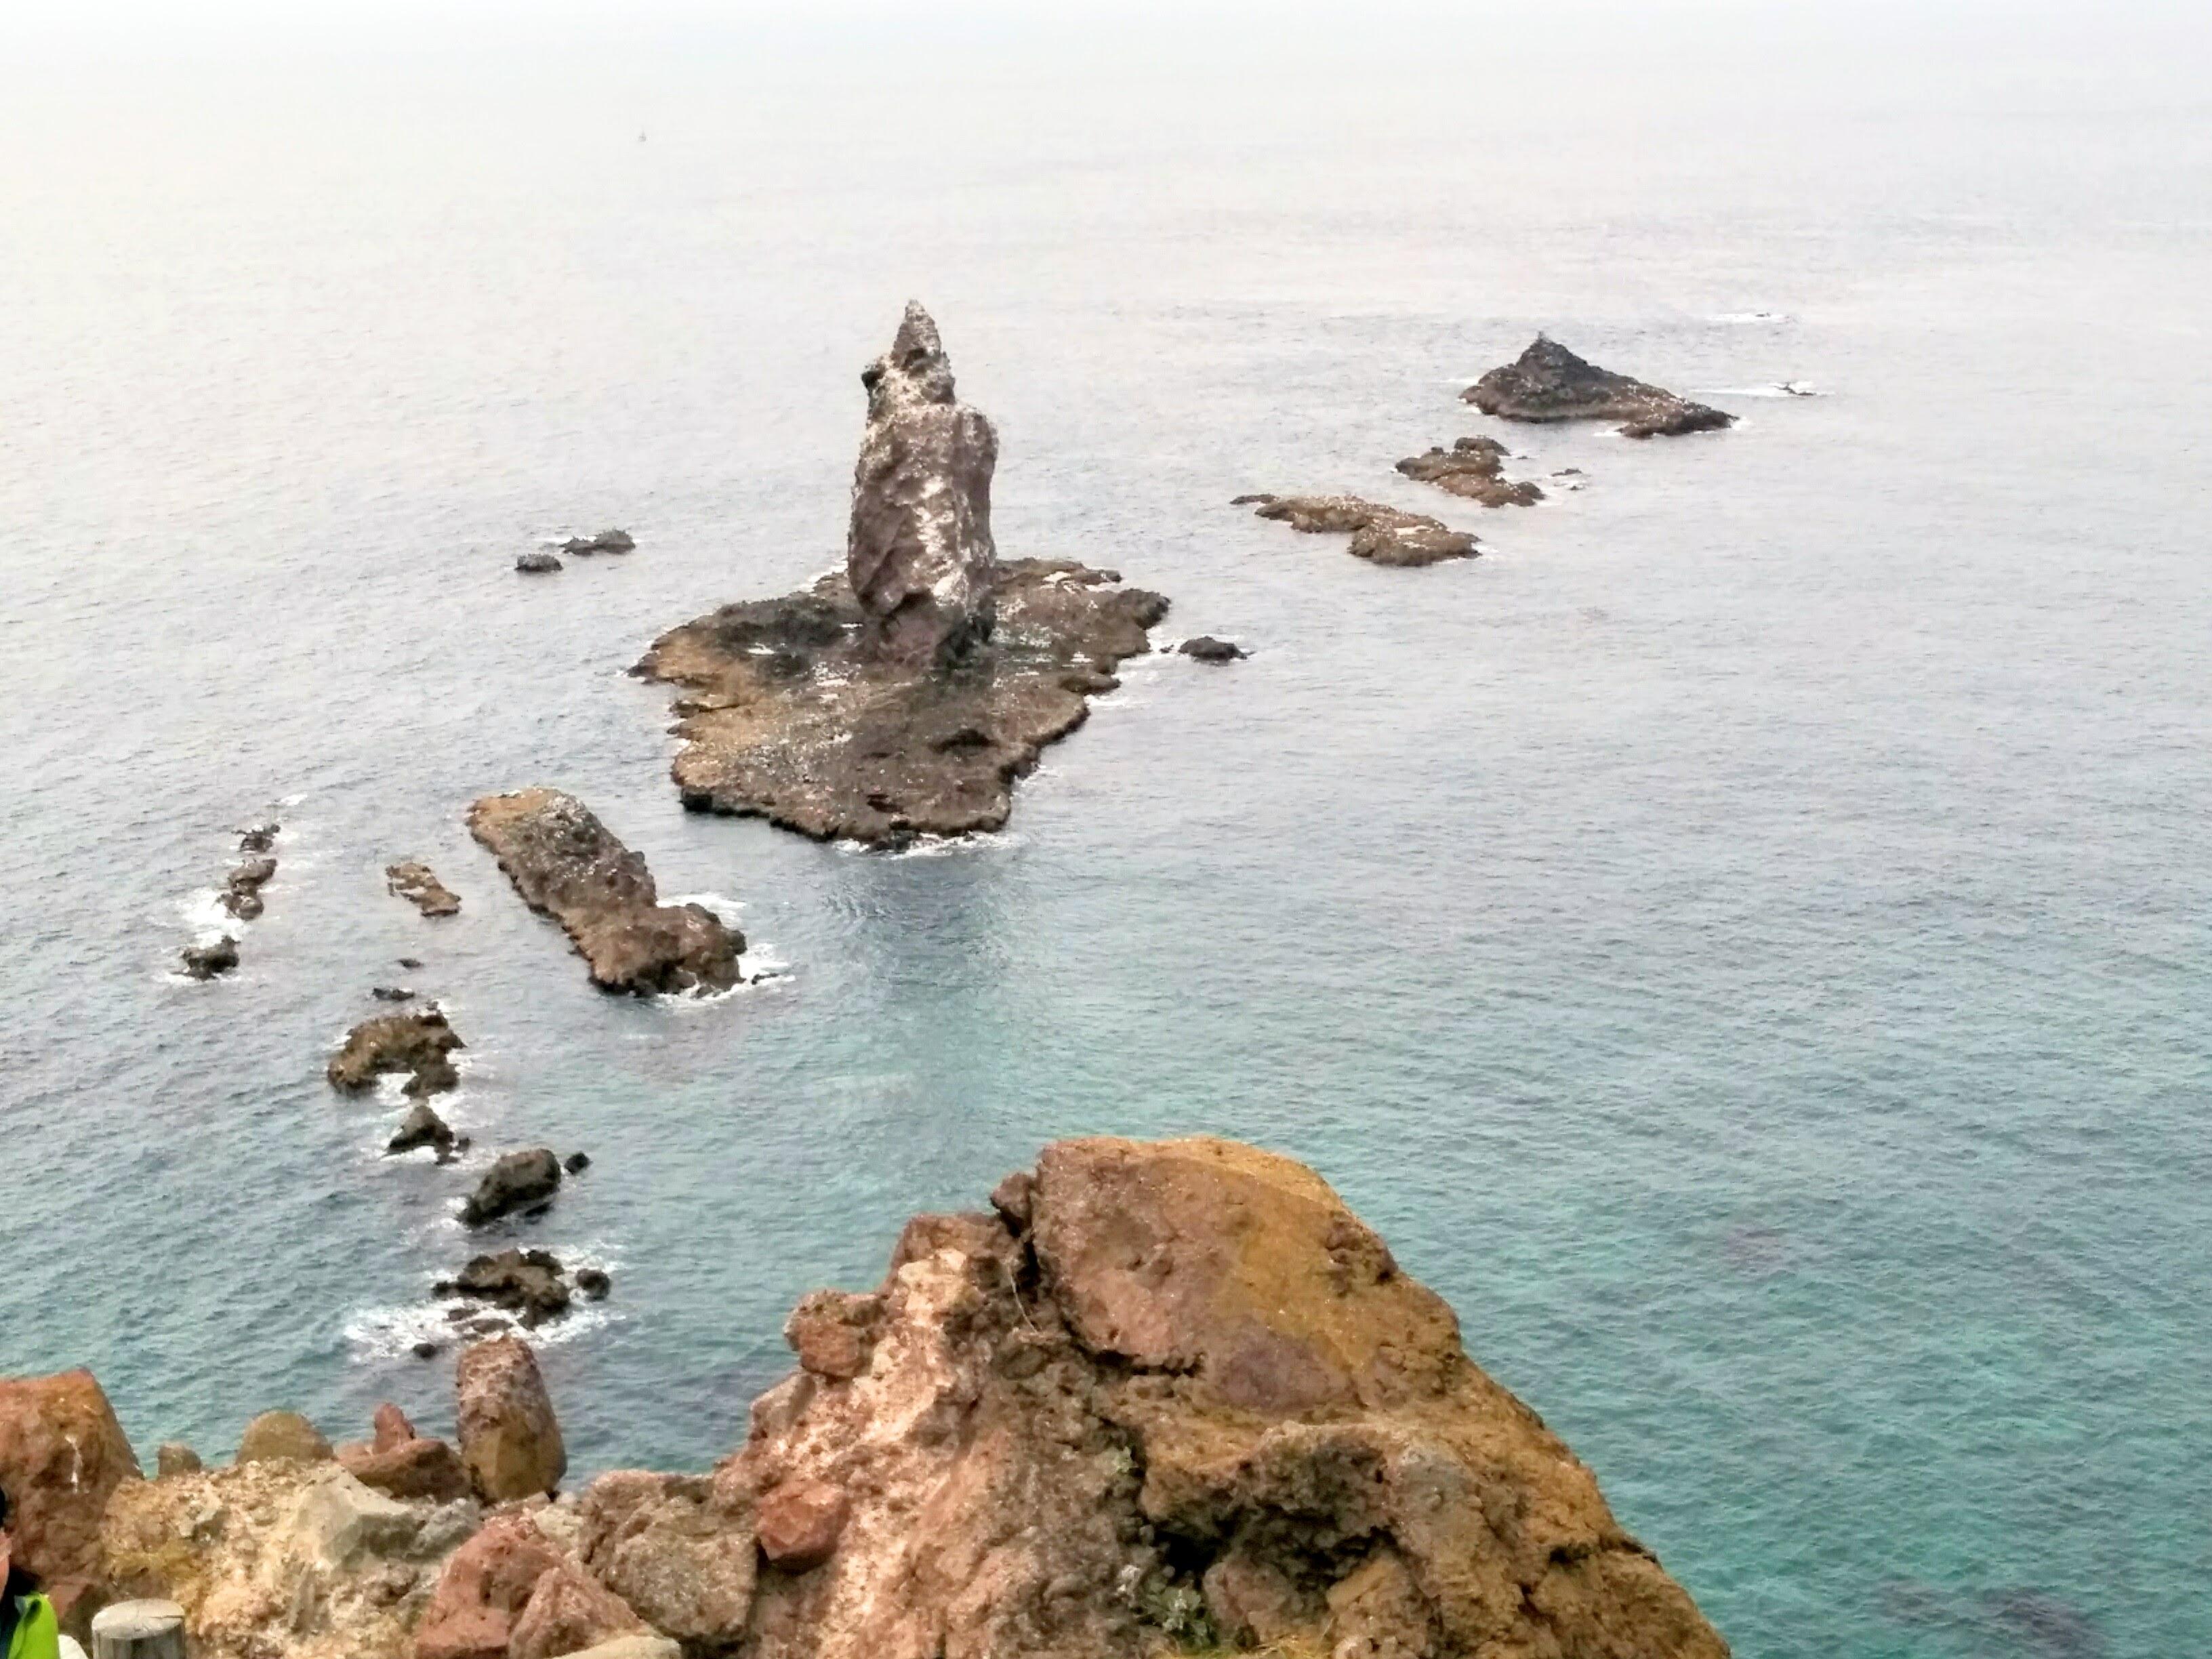 積丹送迎観光ジャンボタクシー高橋の積丹半島周辺観光コース観光案内です。